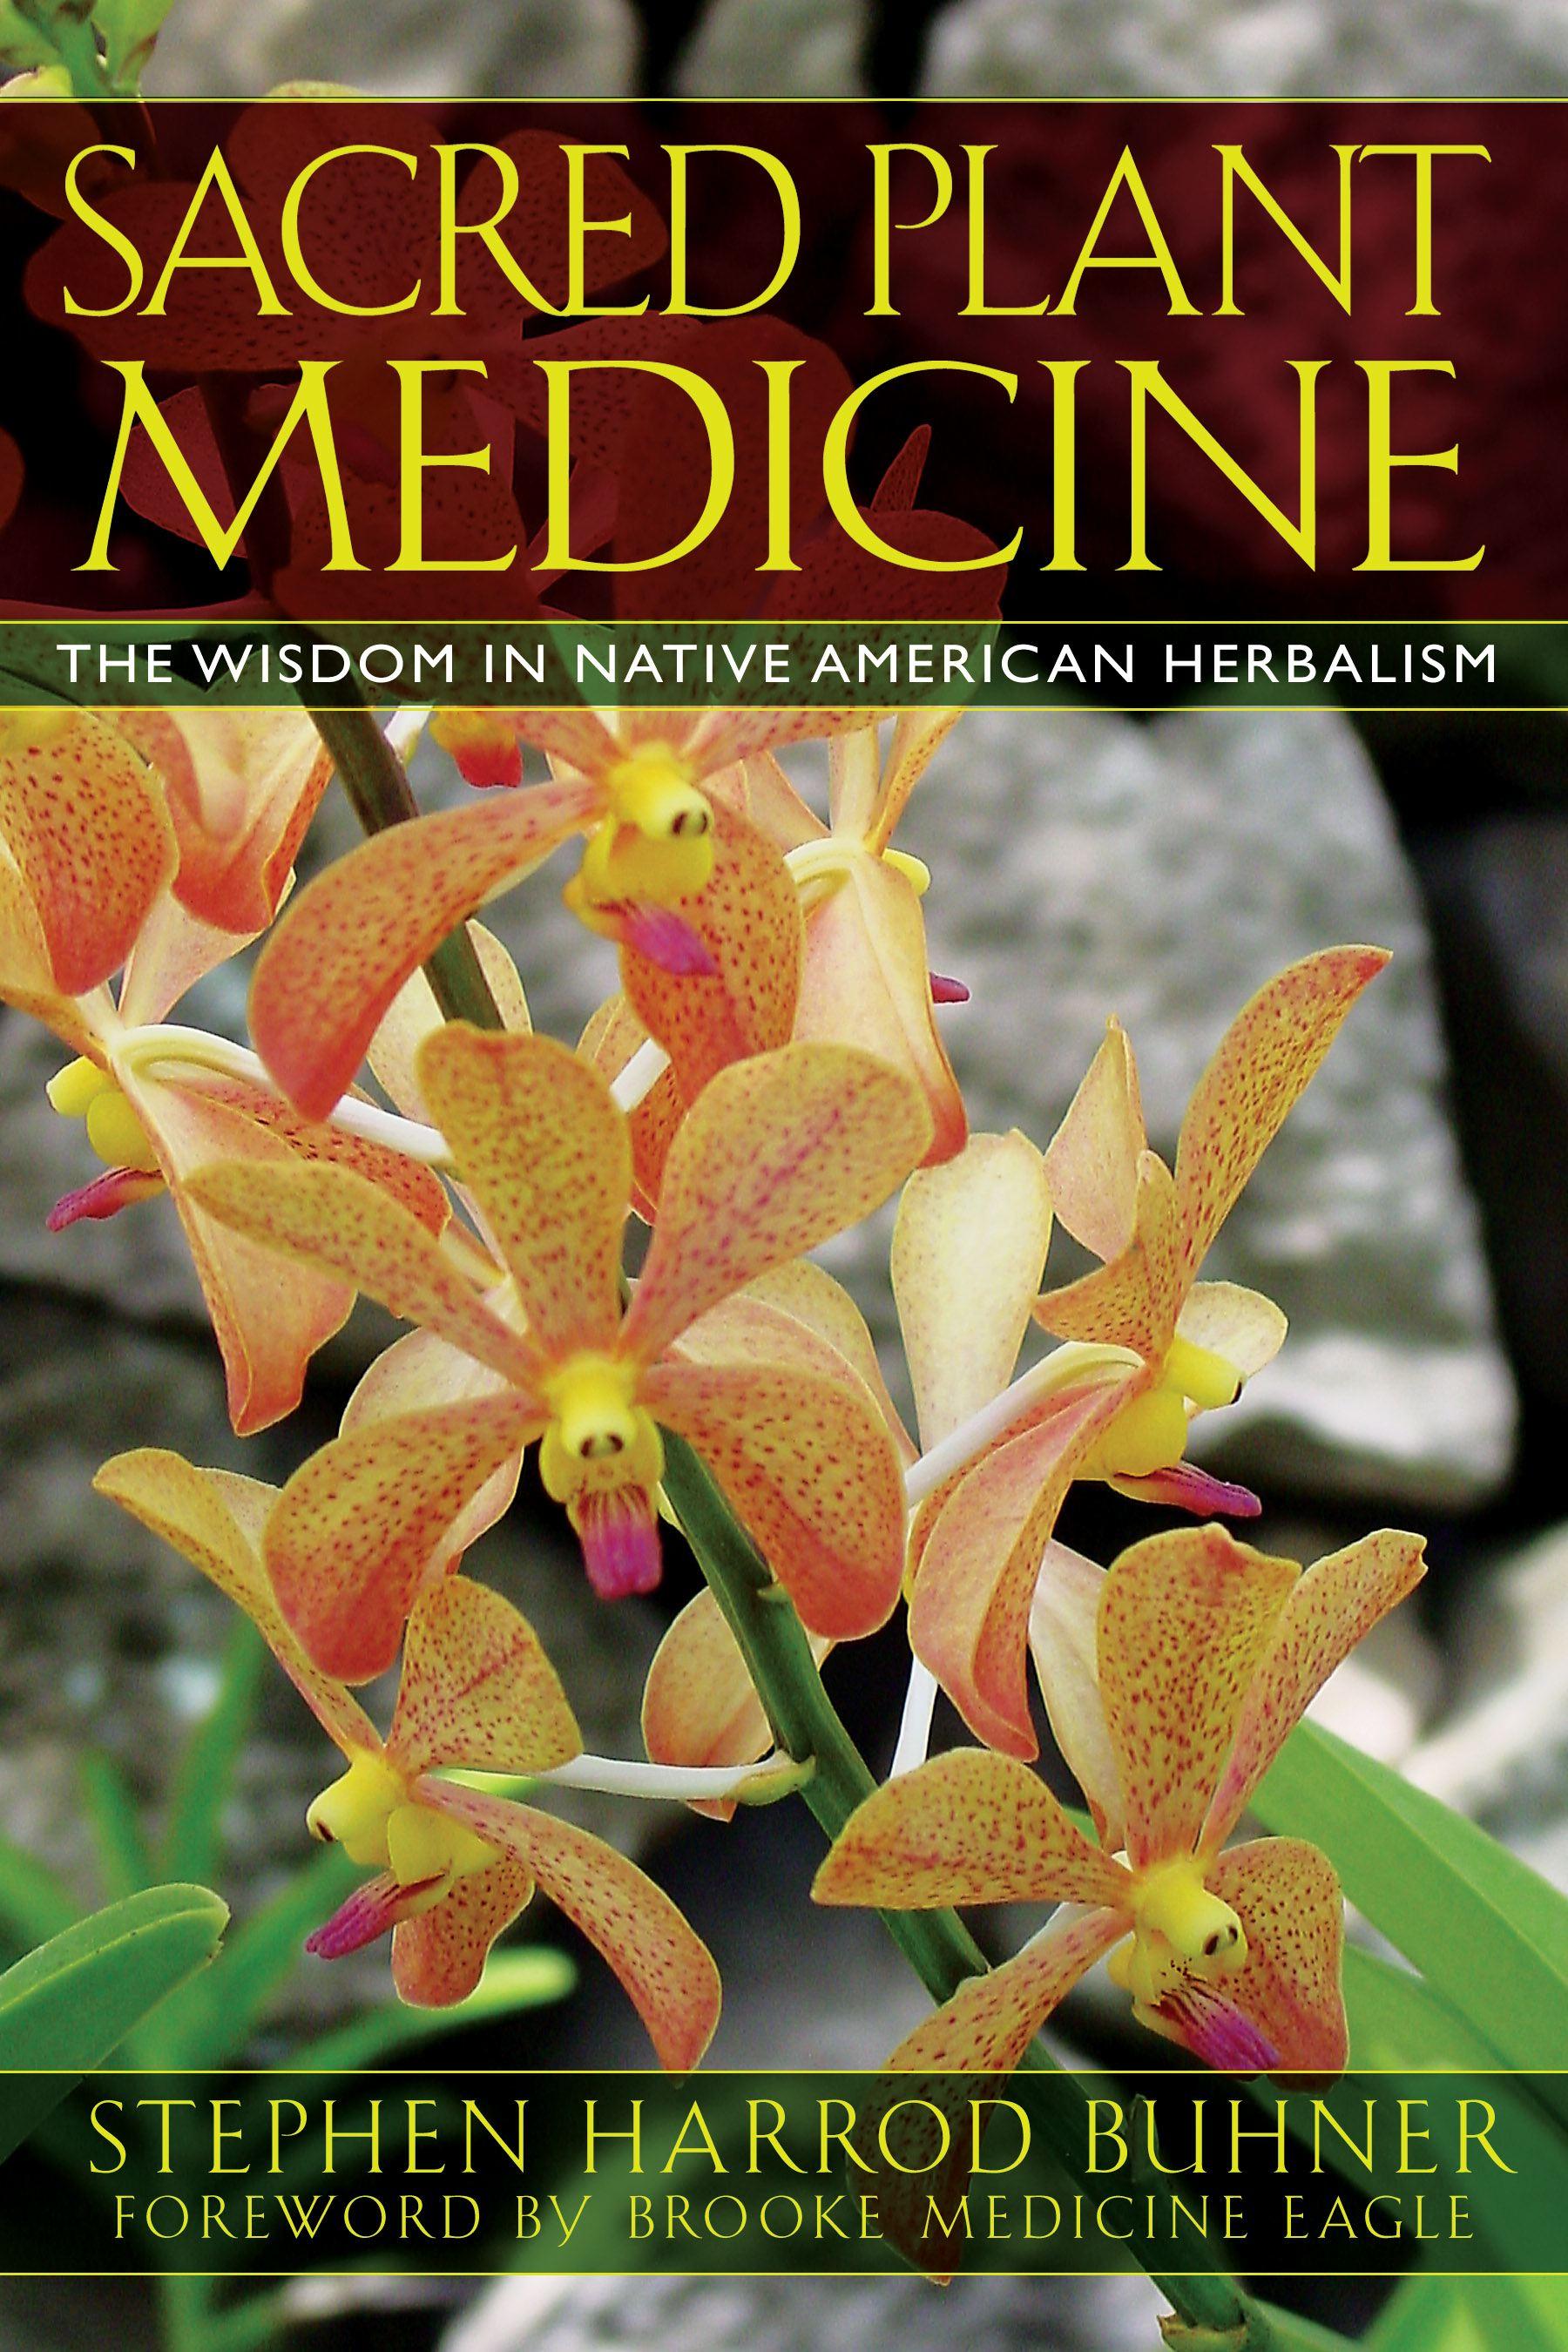 Sacred plant medicine 9781591430582 hr